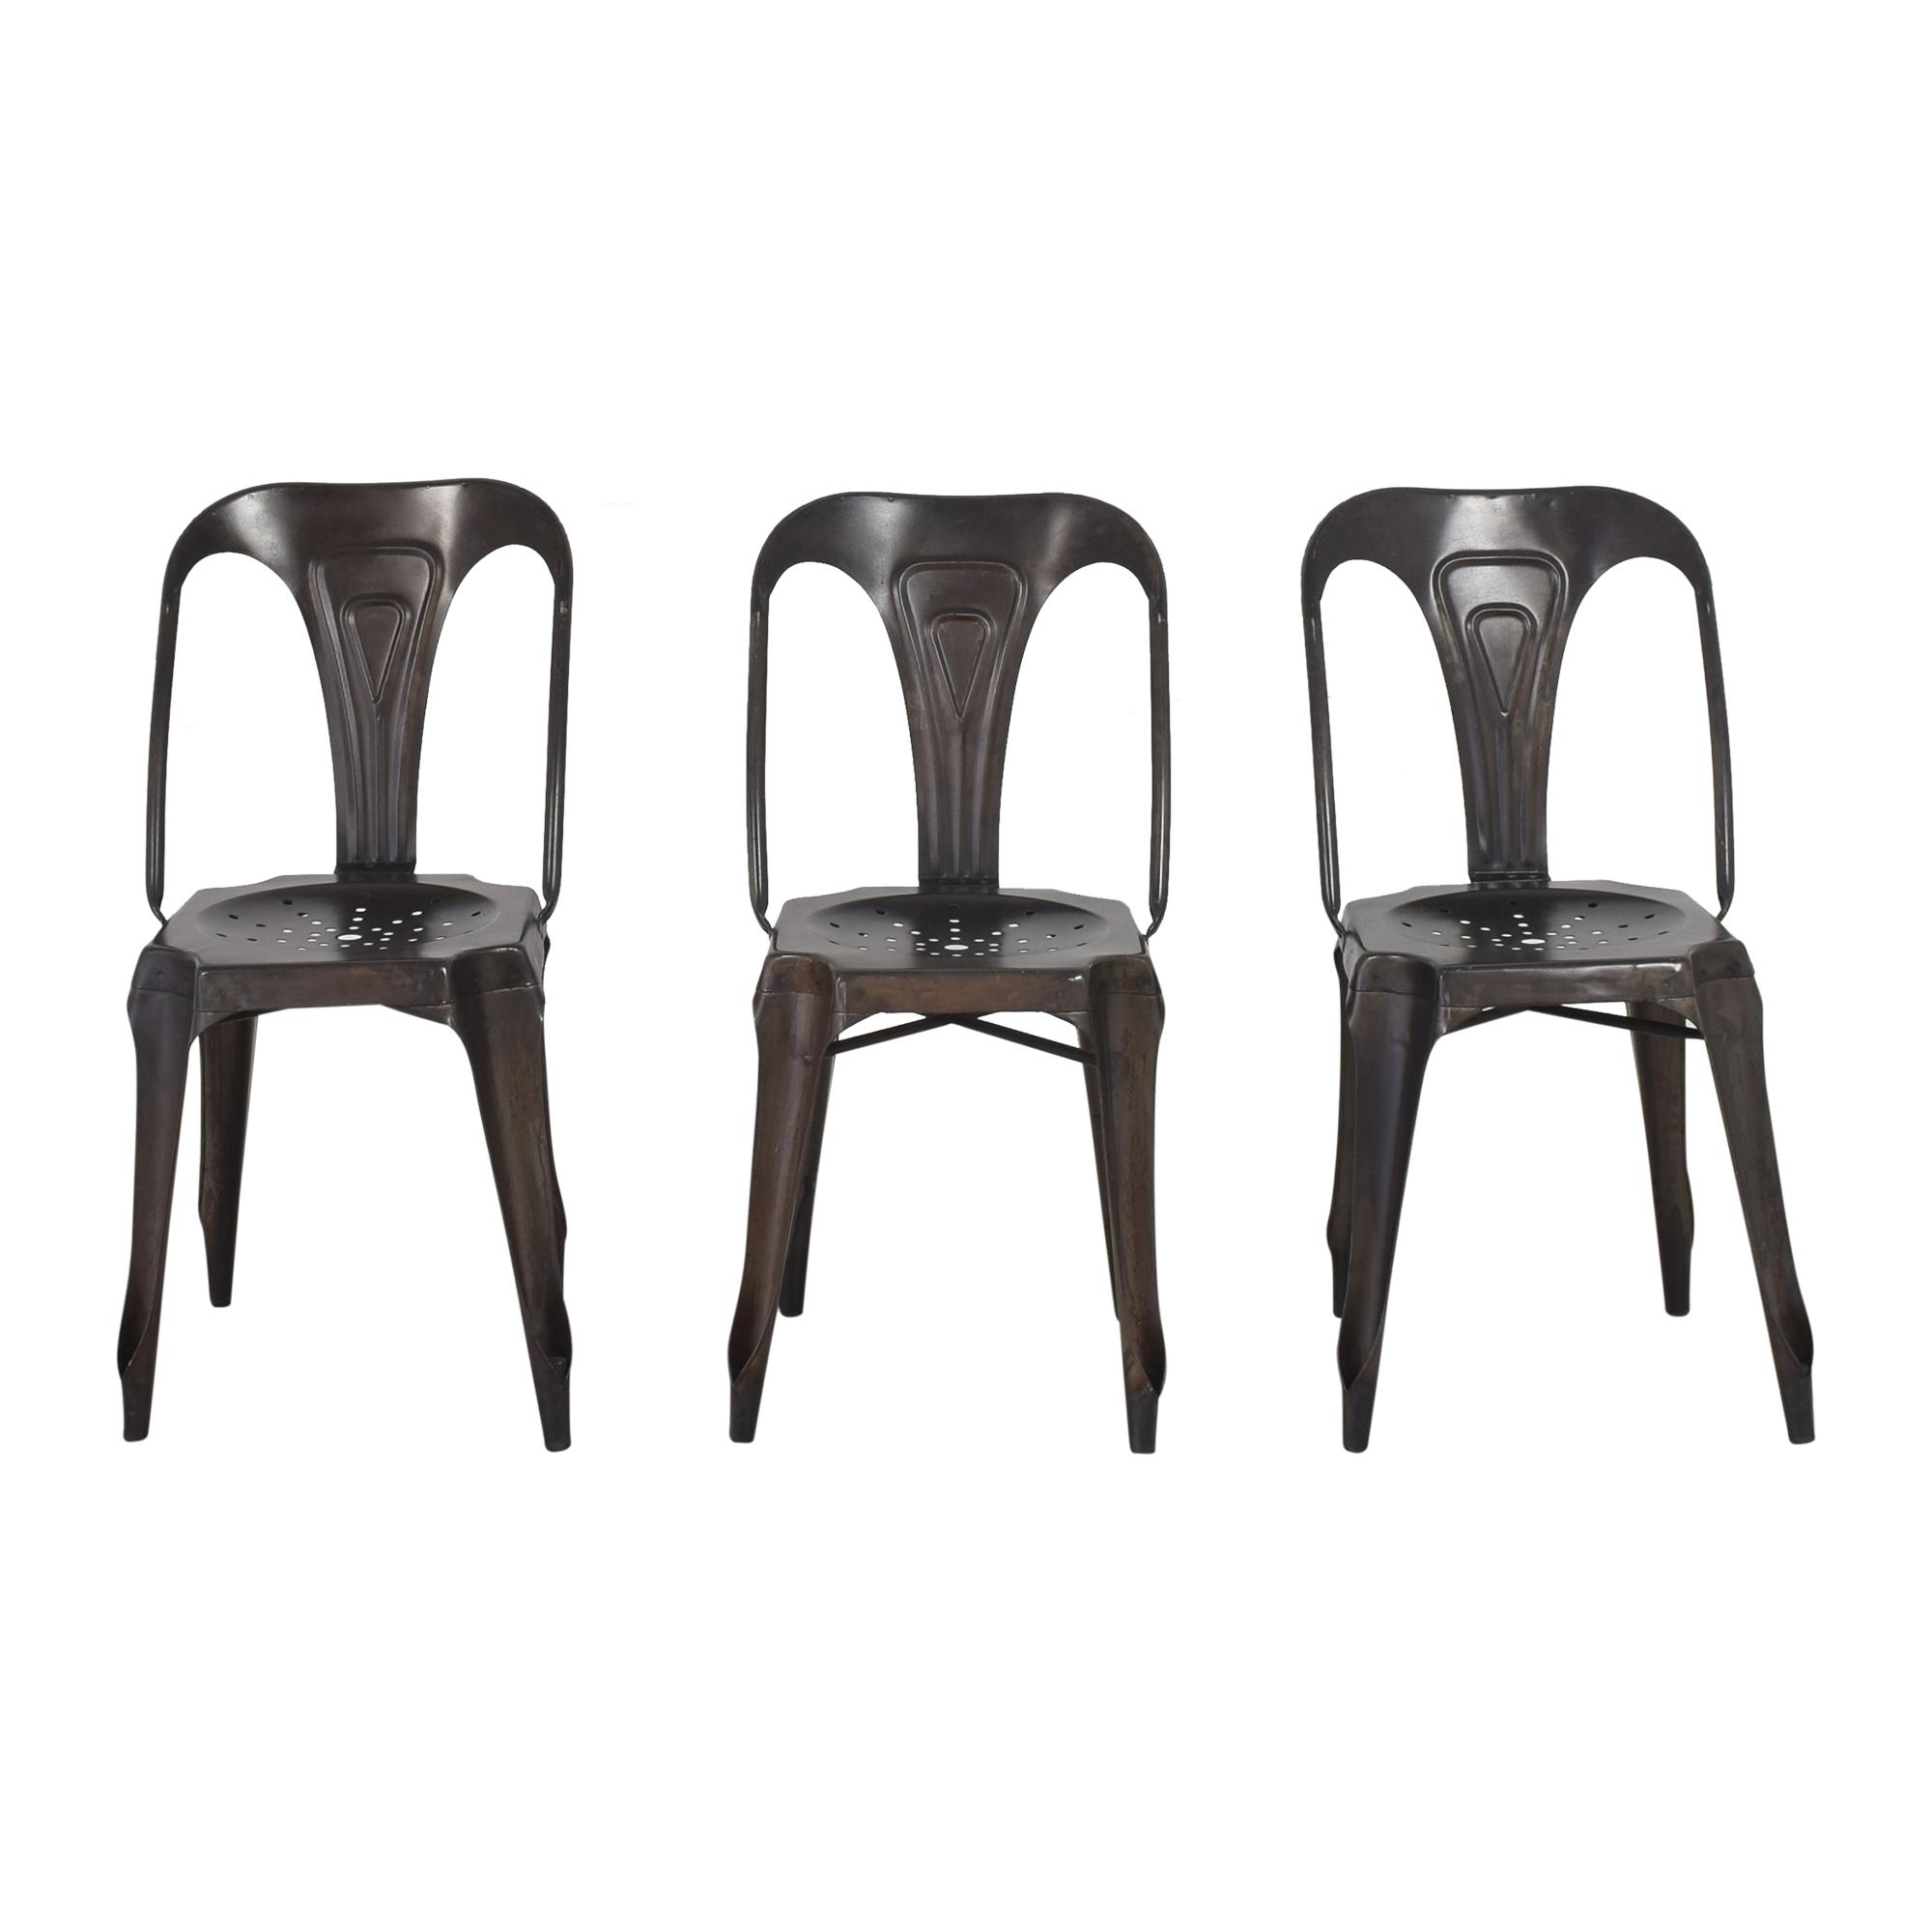 buy Maison du Monde MULTIPL's Industrial Chairs Maison du Monde